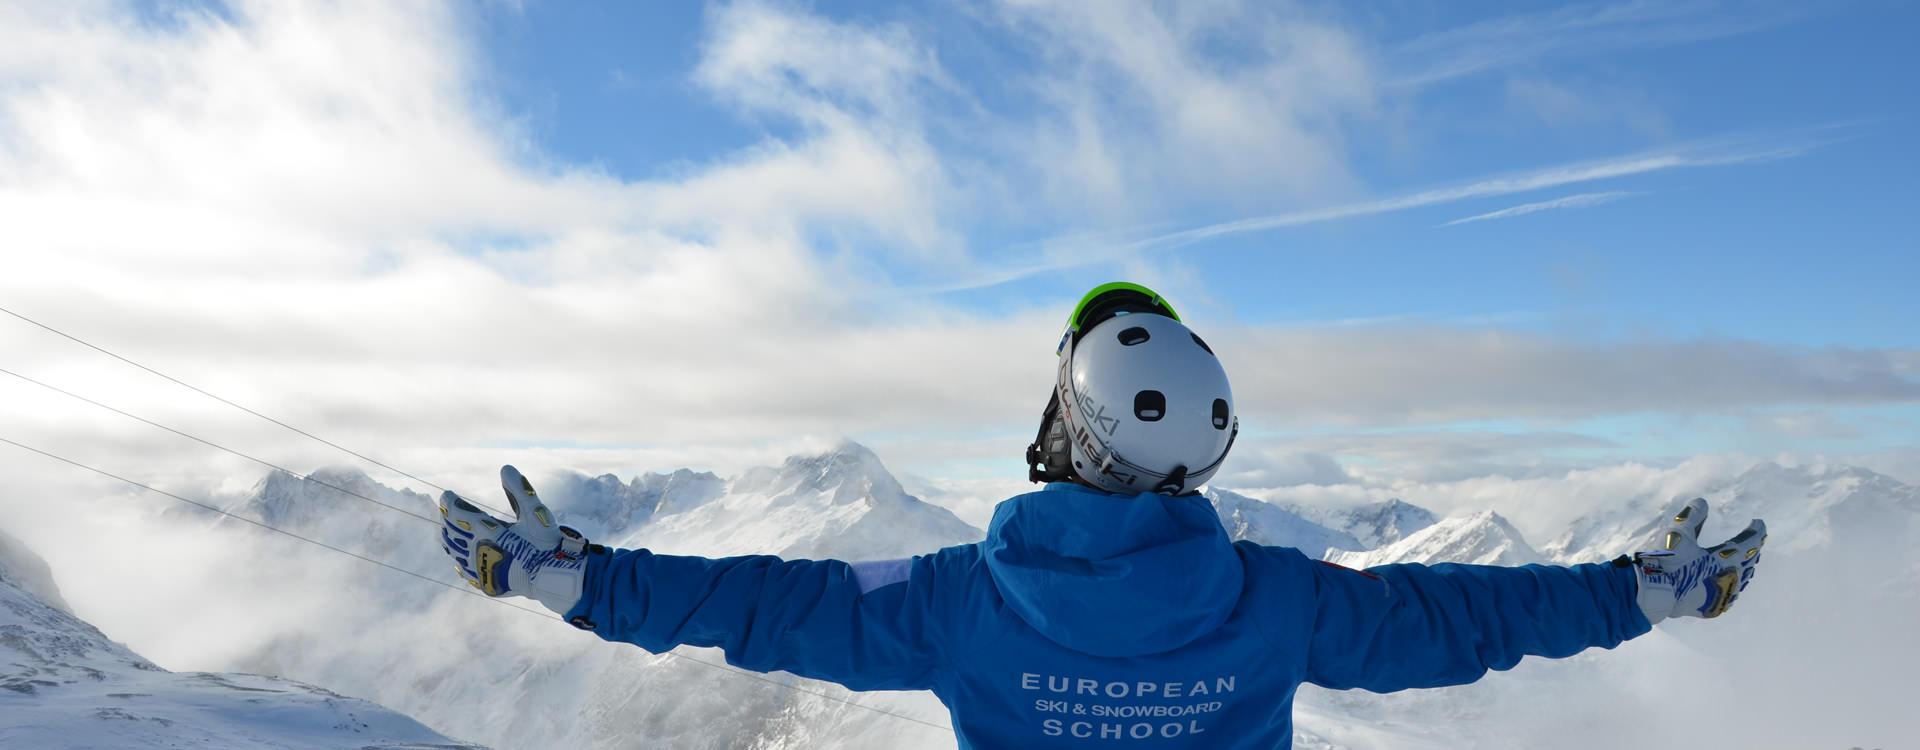 Ski-passes_mini_mini